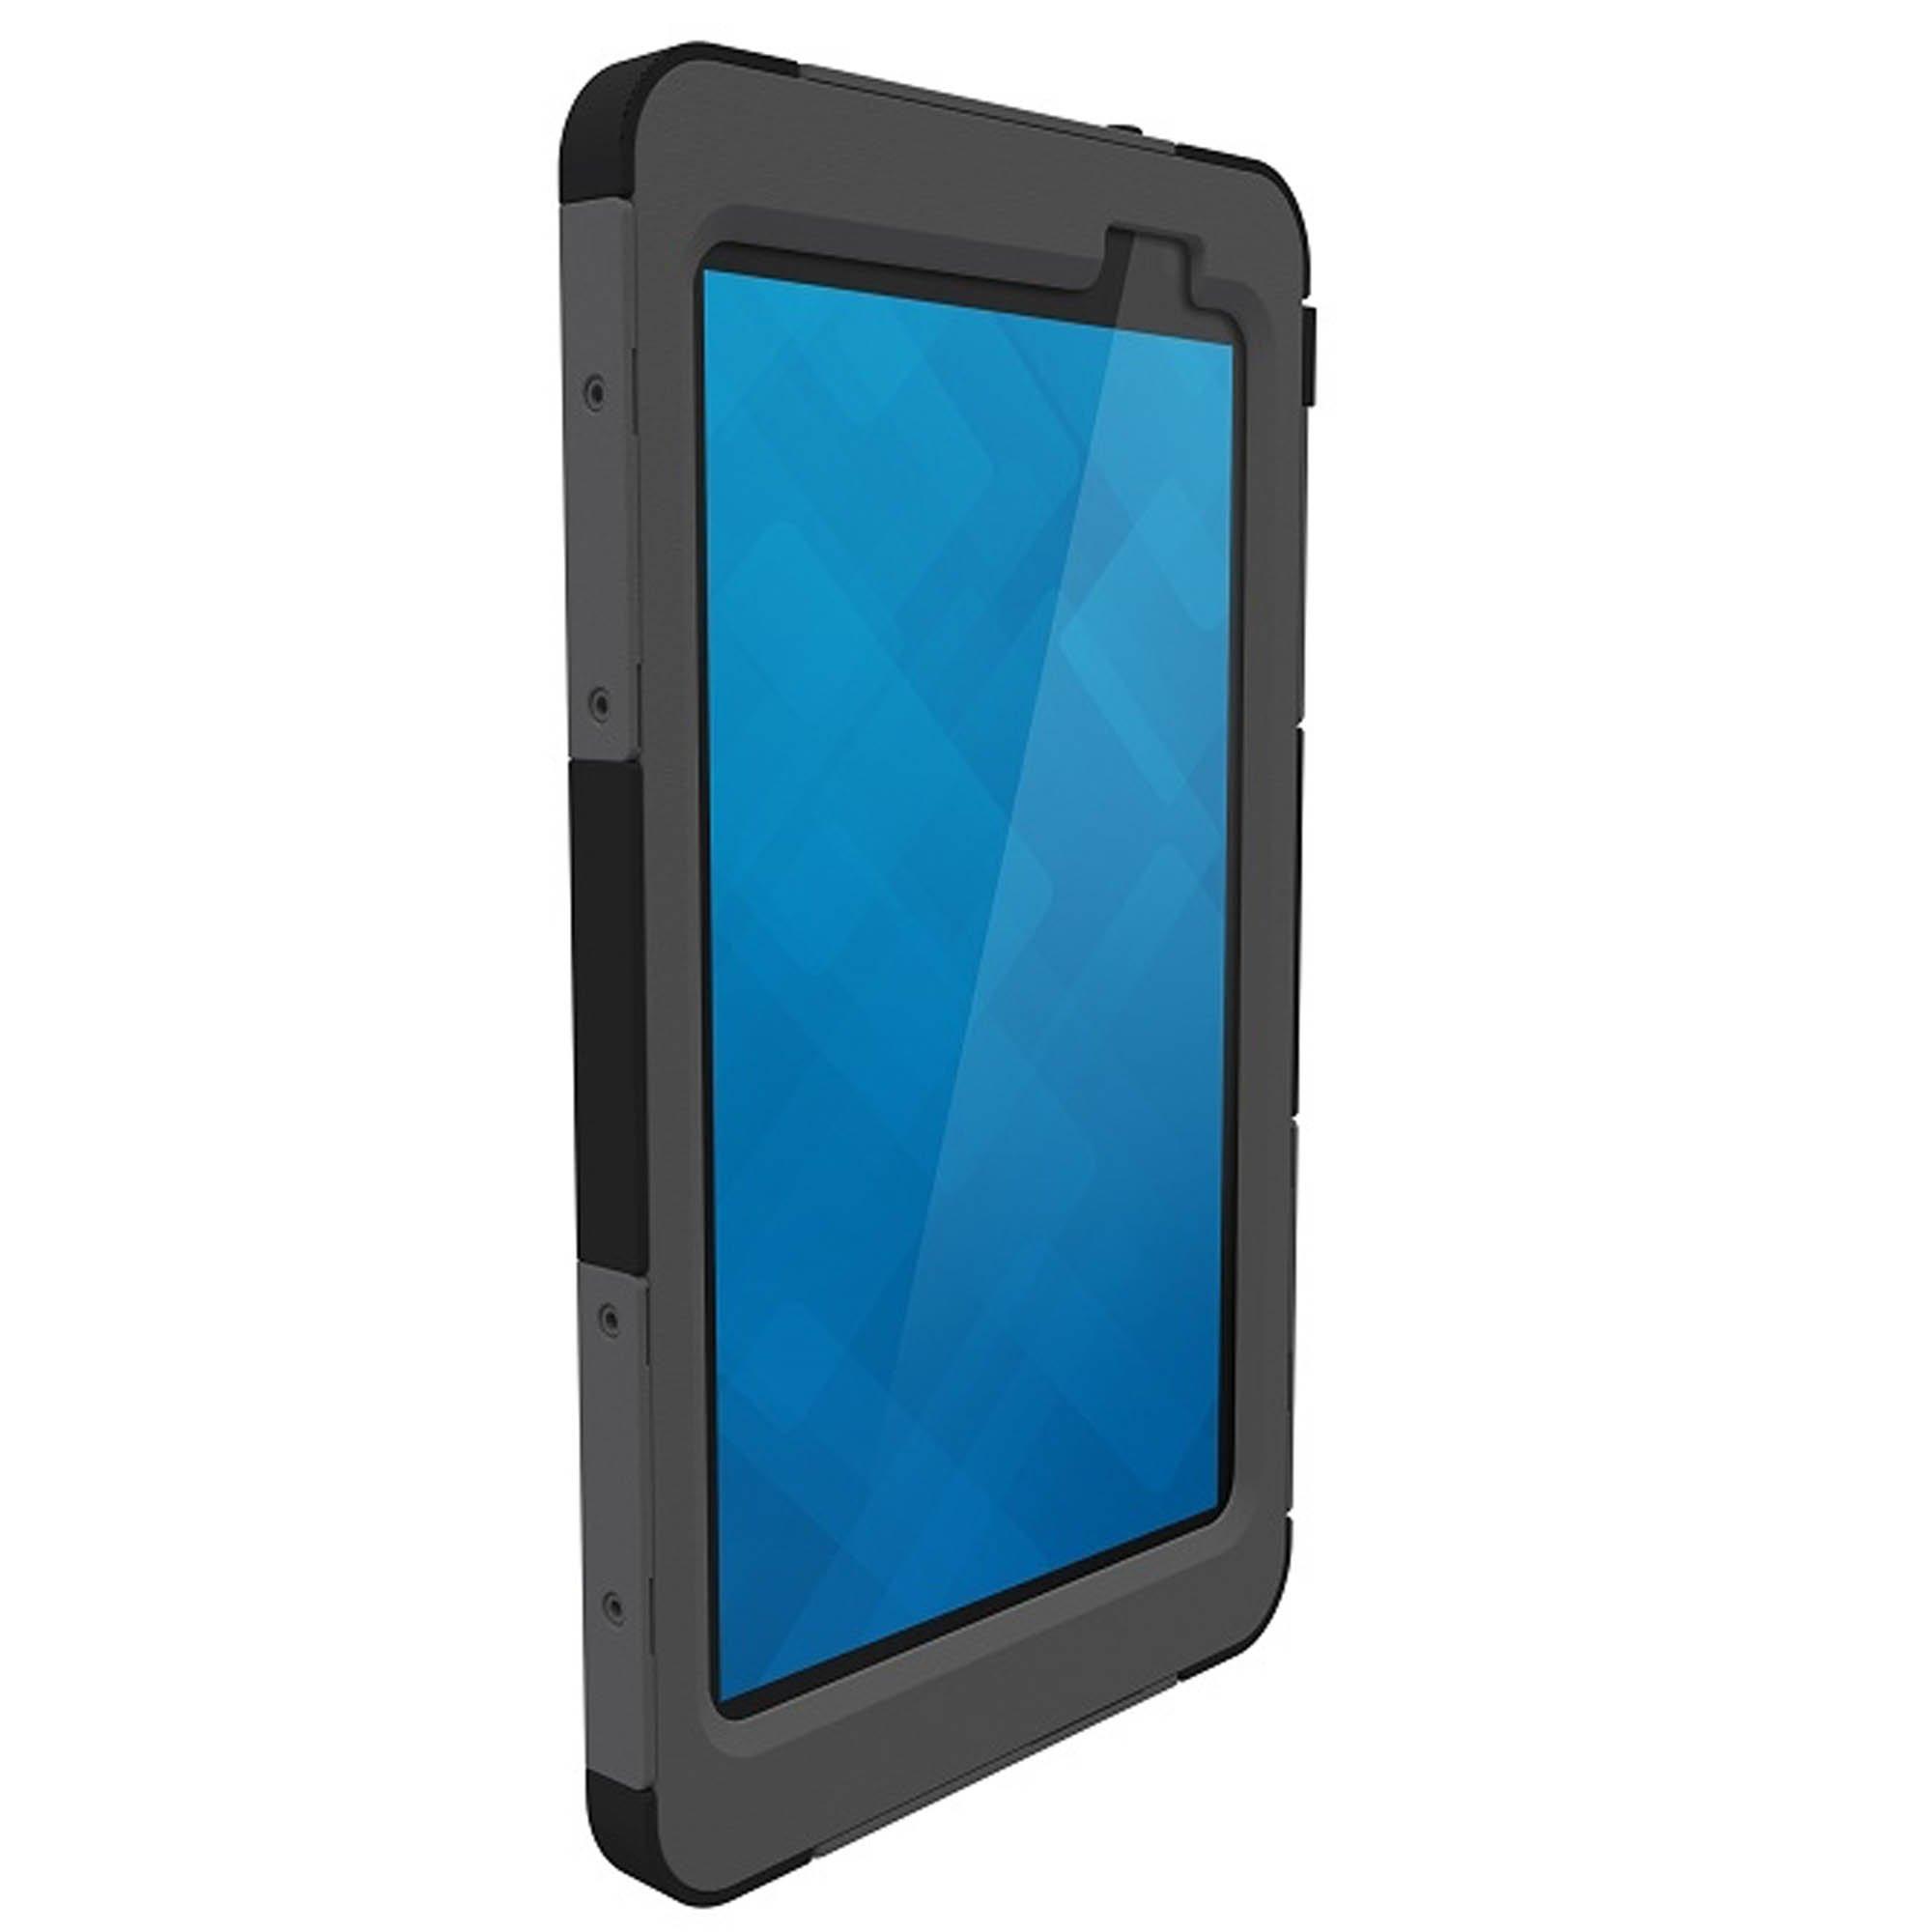 Dell SafePort Rugged Max Pro Case for the Dell Venue 8 Pro (A7250101)